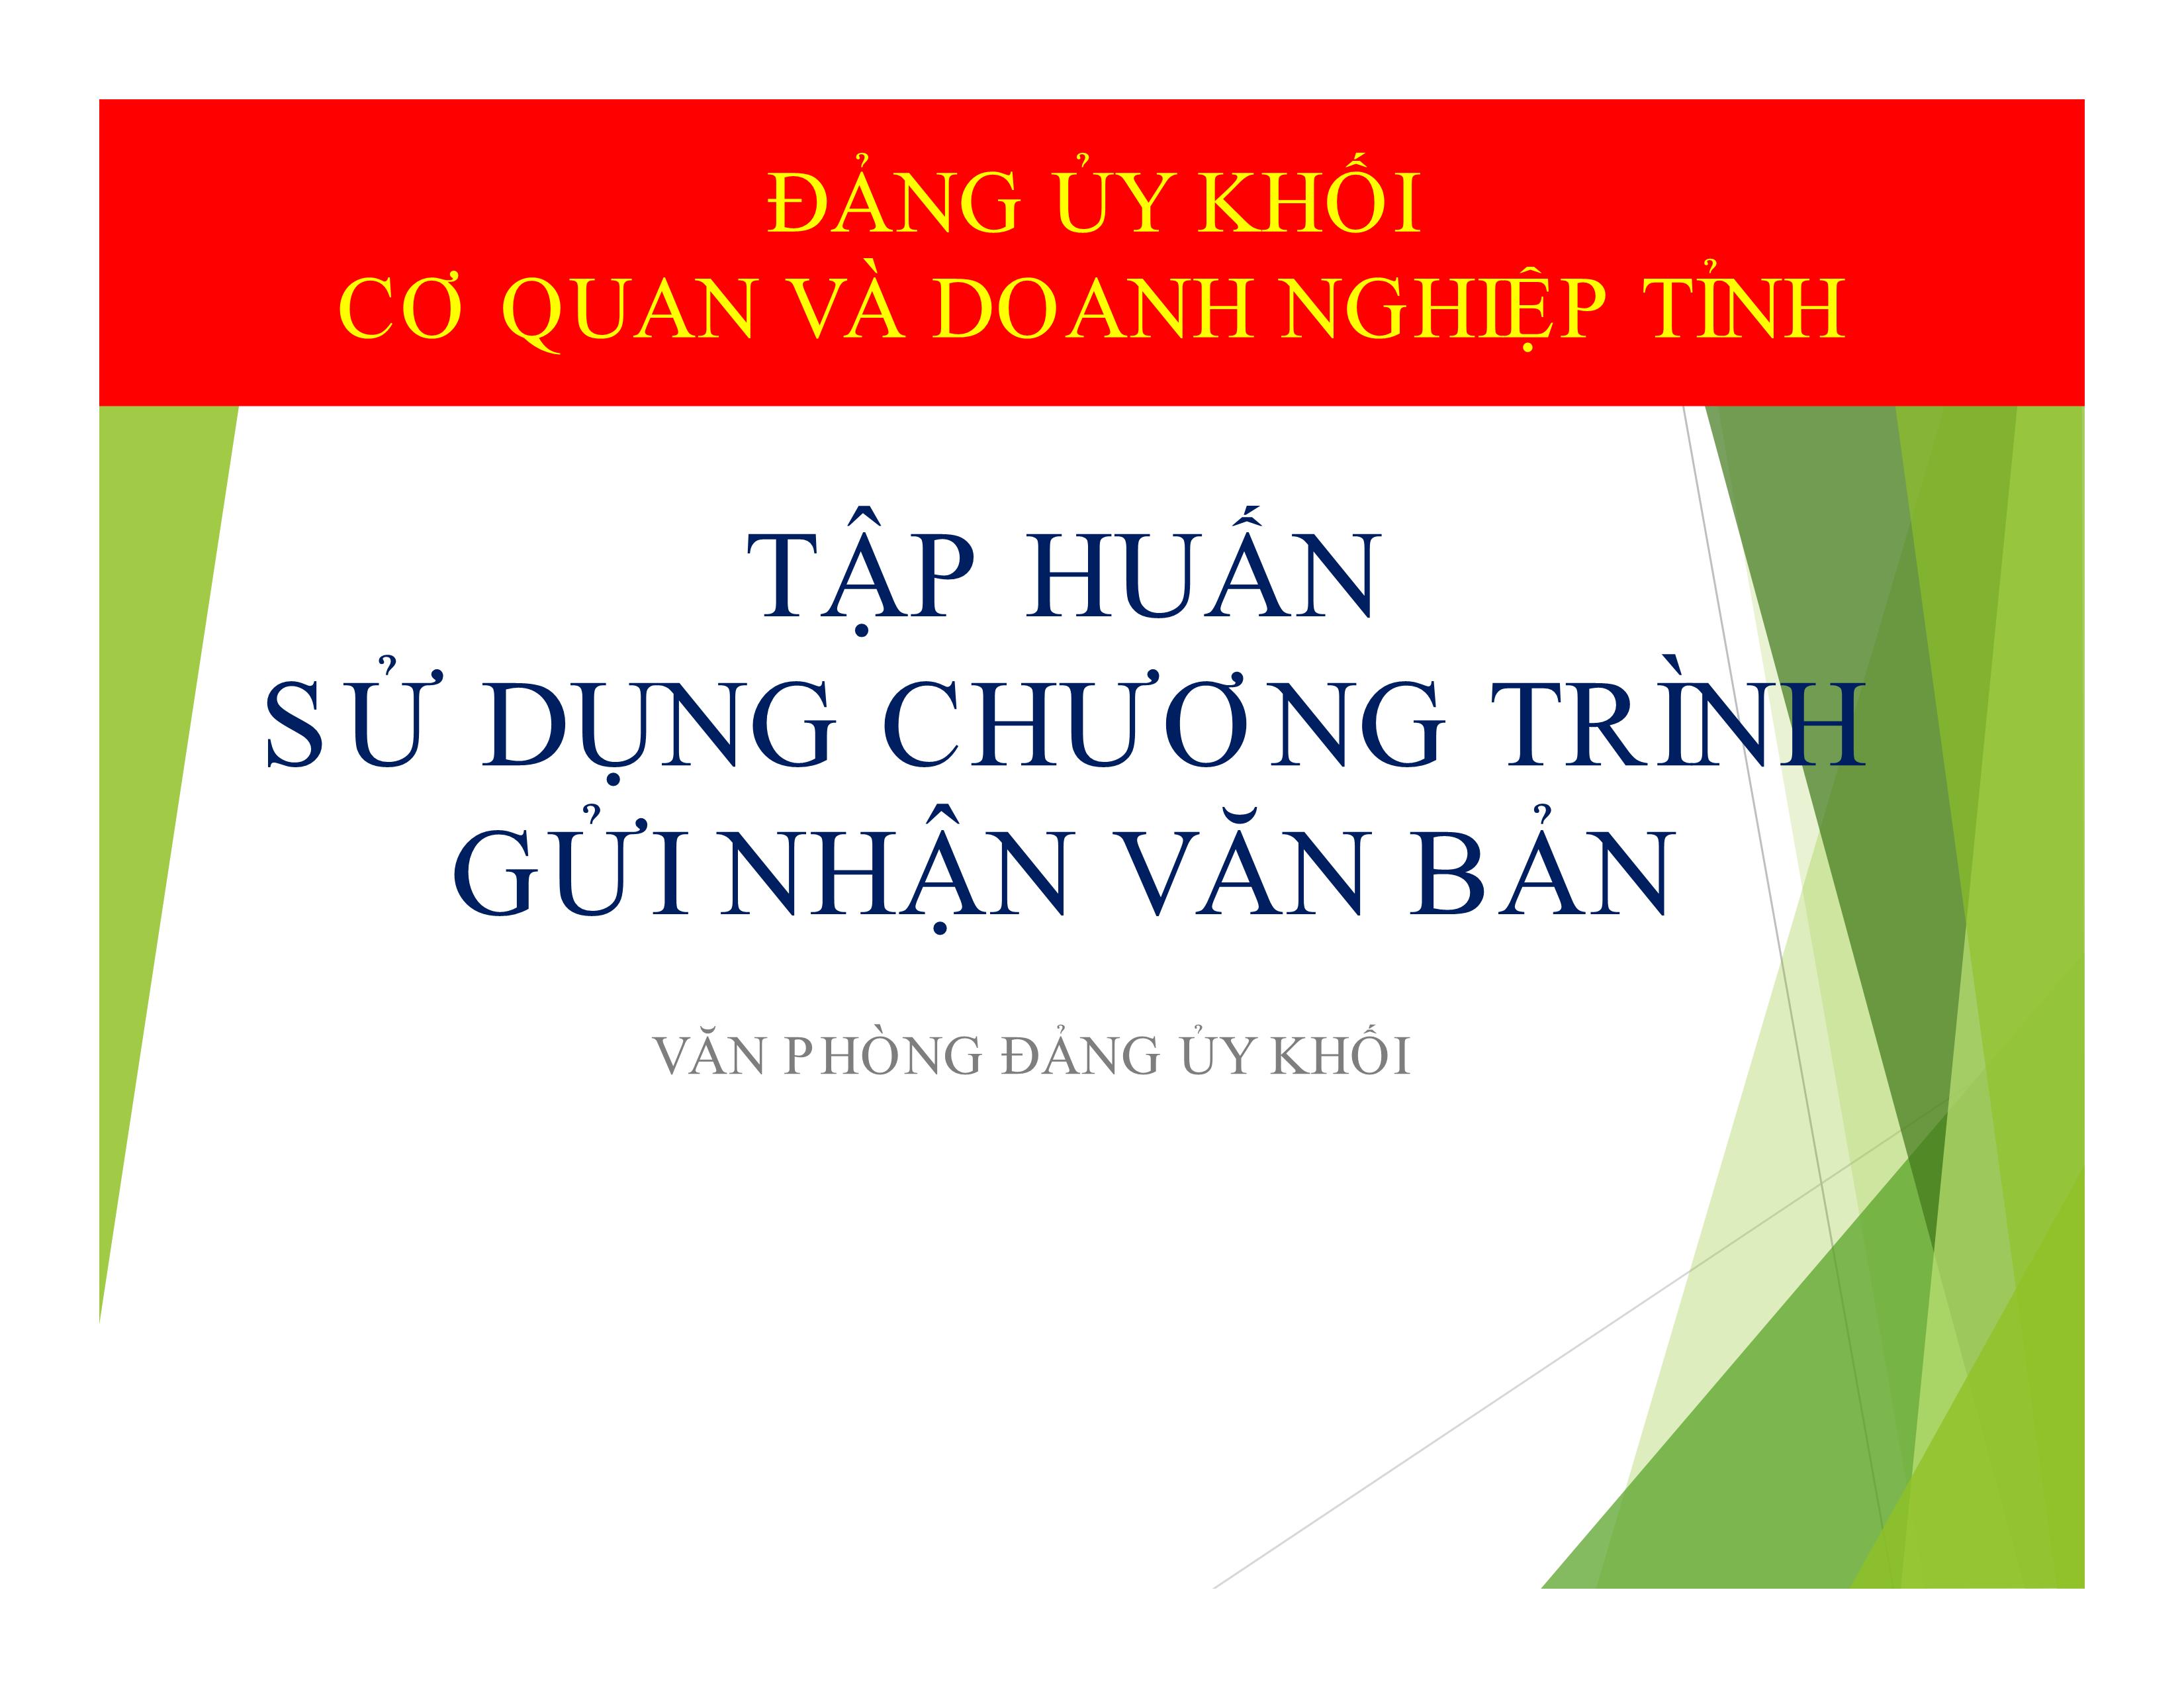 Hình Hướng dẫn quản lý và sử dụng Chương trình gửi nhận văn bản điện tử thông qua Trang thông tin điện tử Đảng ủy Khối cơ quan và doanh nghiệp tỉnh Bình Thuận